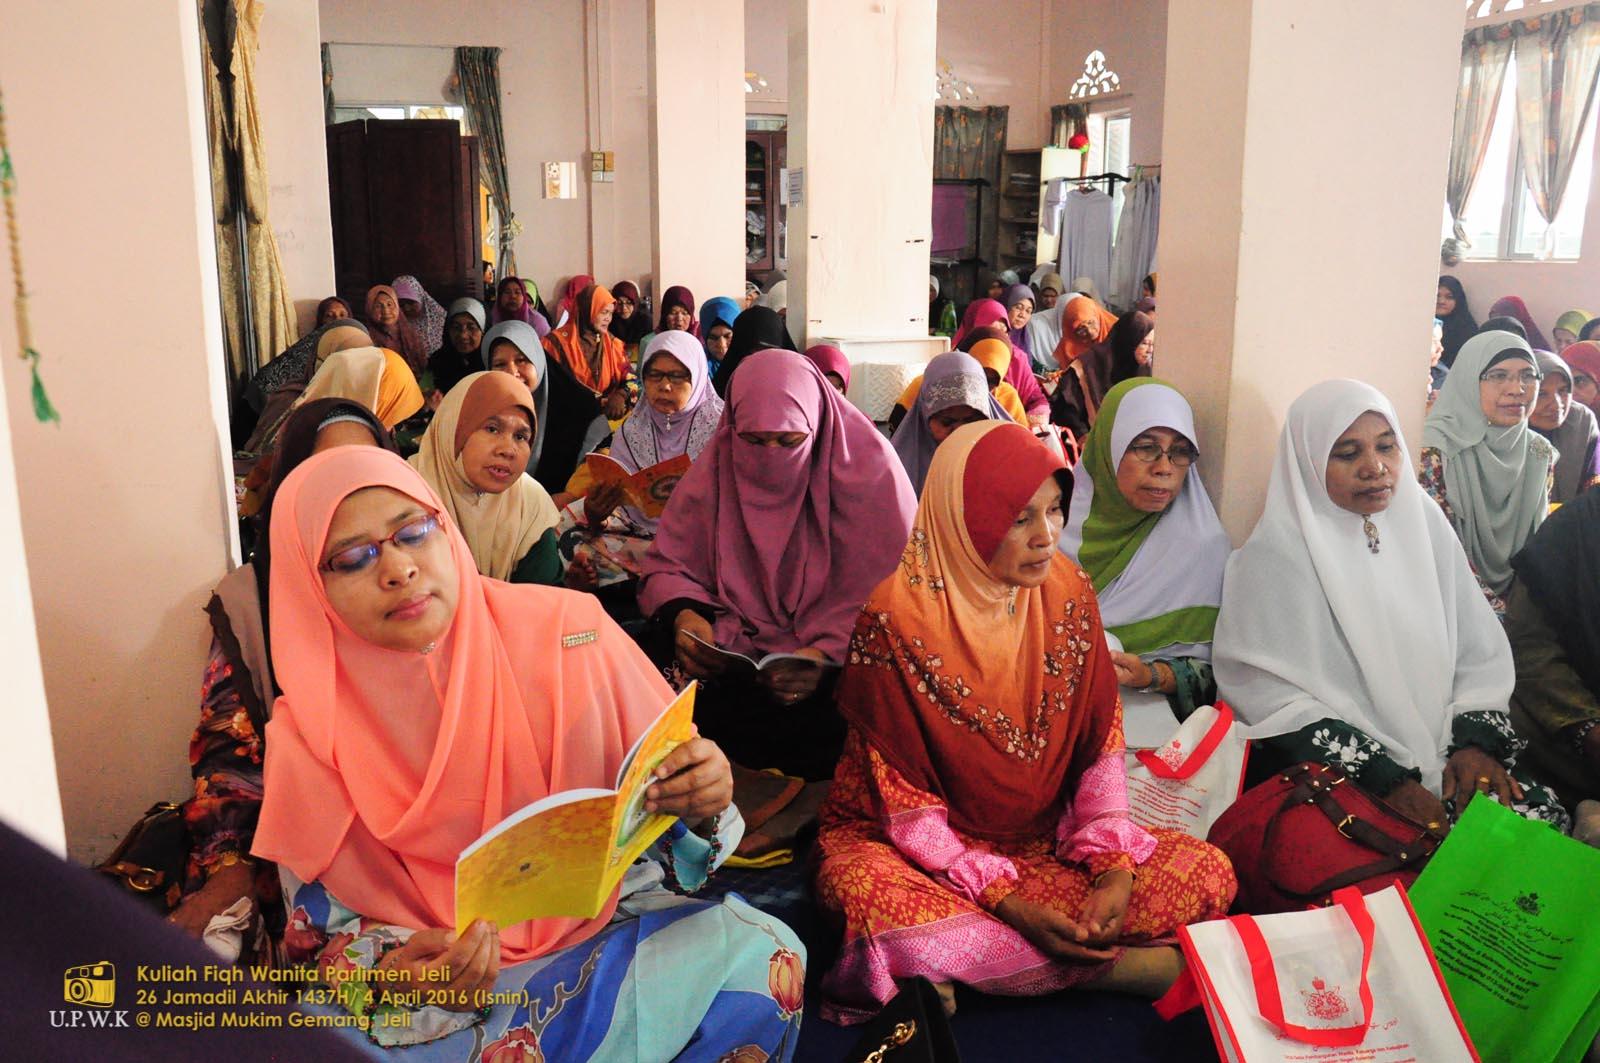 Kuliah Fiqh Wanita